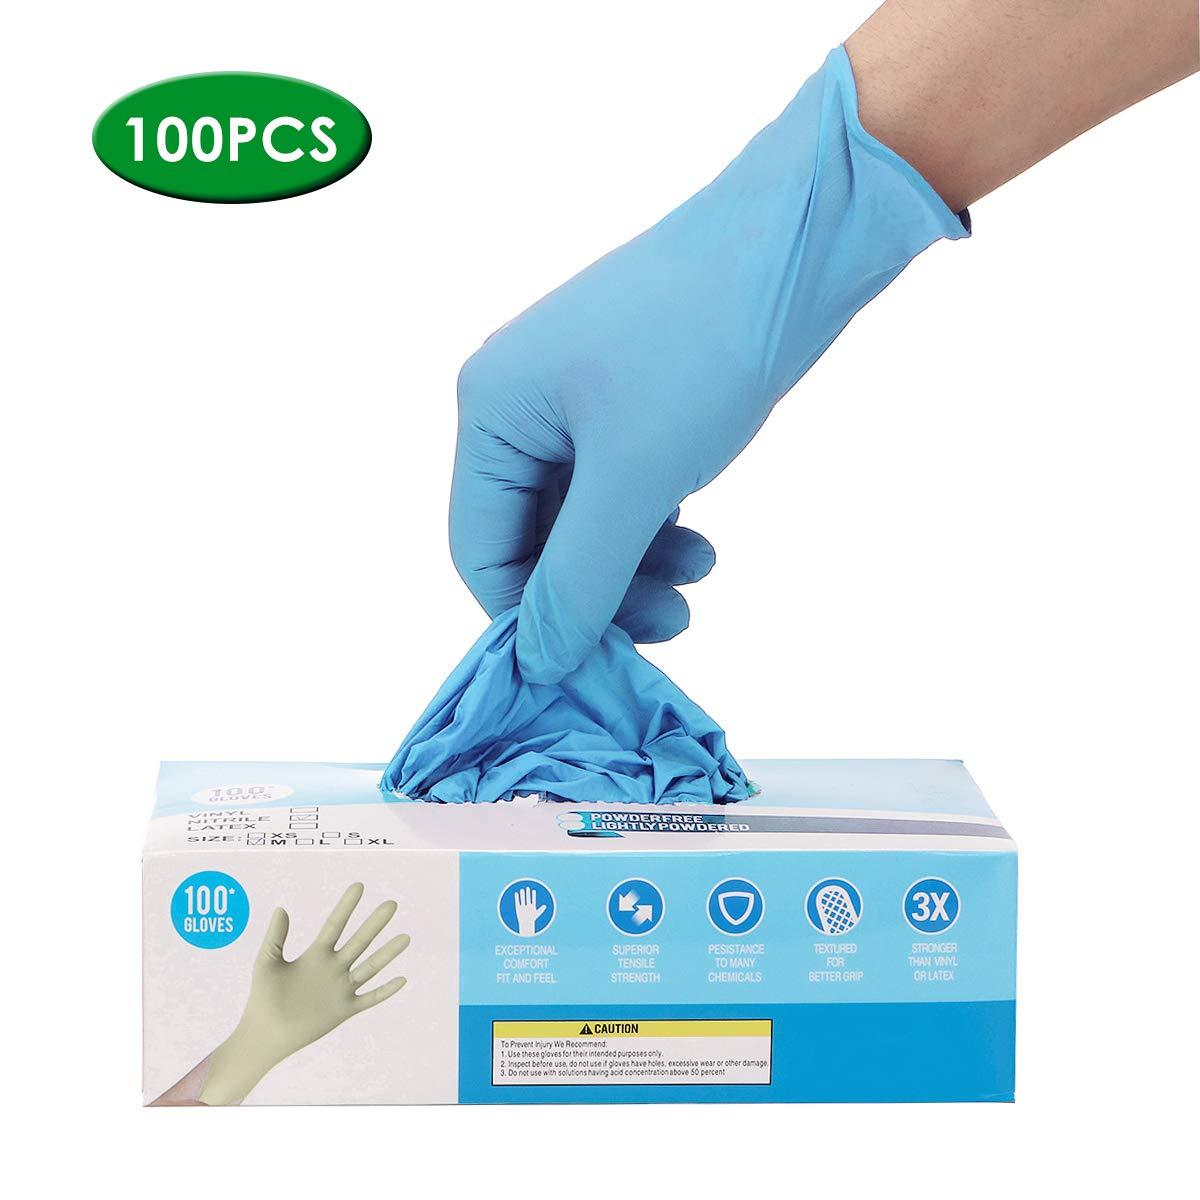 Guantes desechables Hizek 100 piezas guantes de nitrilo azul, guantes antideslizantes no estériles sin polvo de talco, peinado de belleza a prueba de agua, alimentos, sin polvo, jardinería, cocina, S